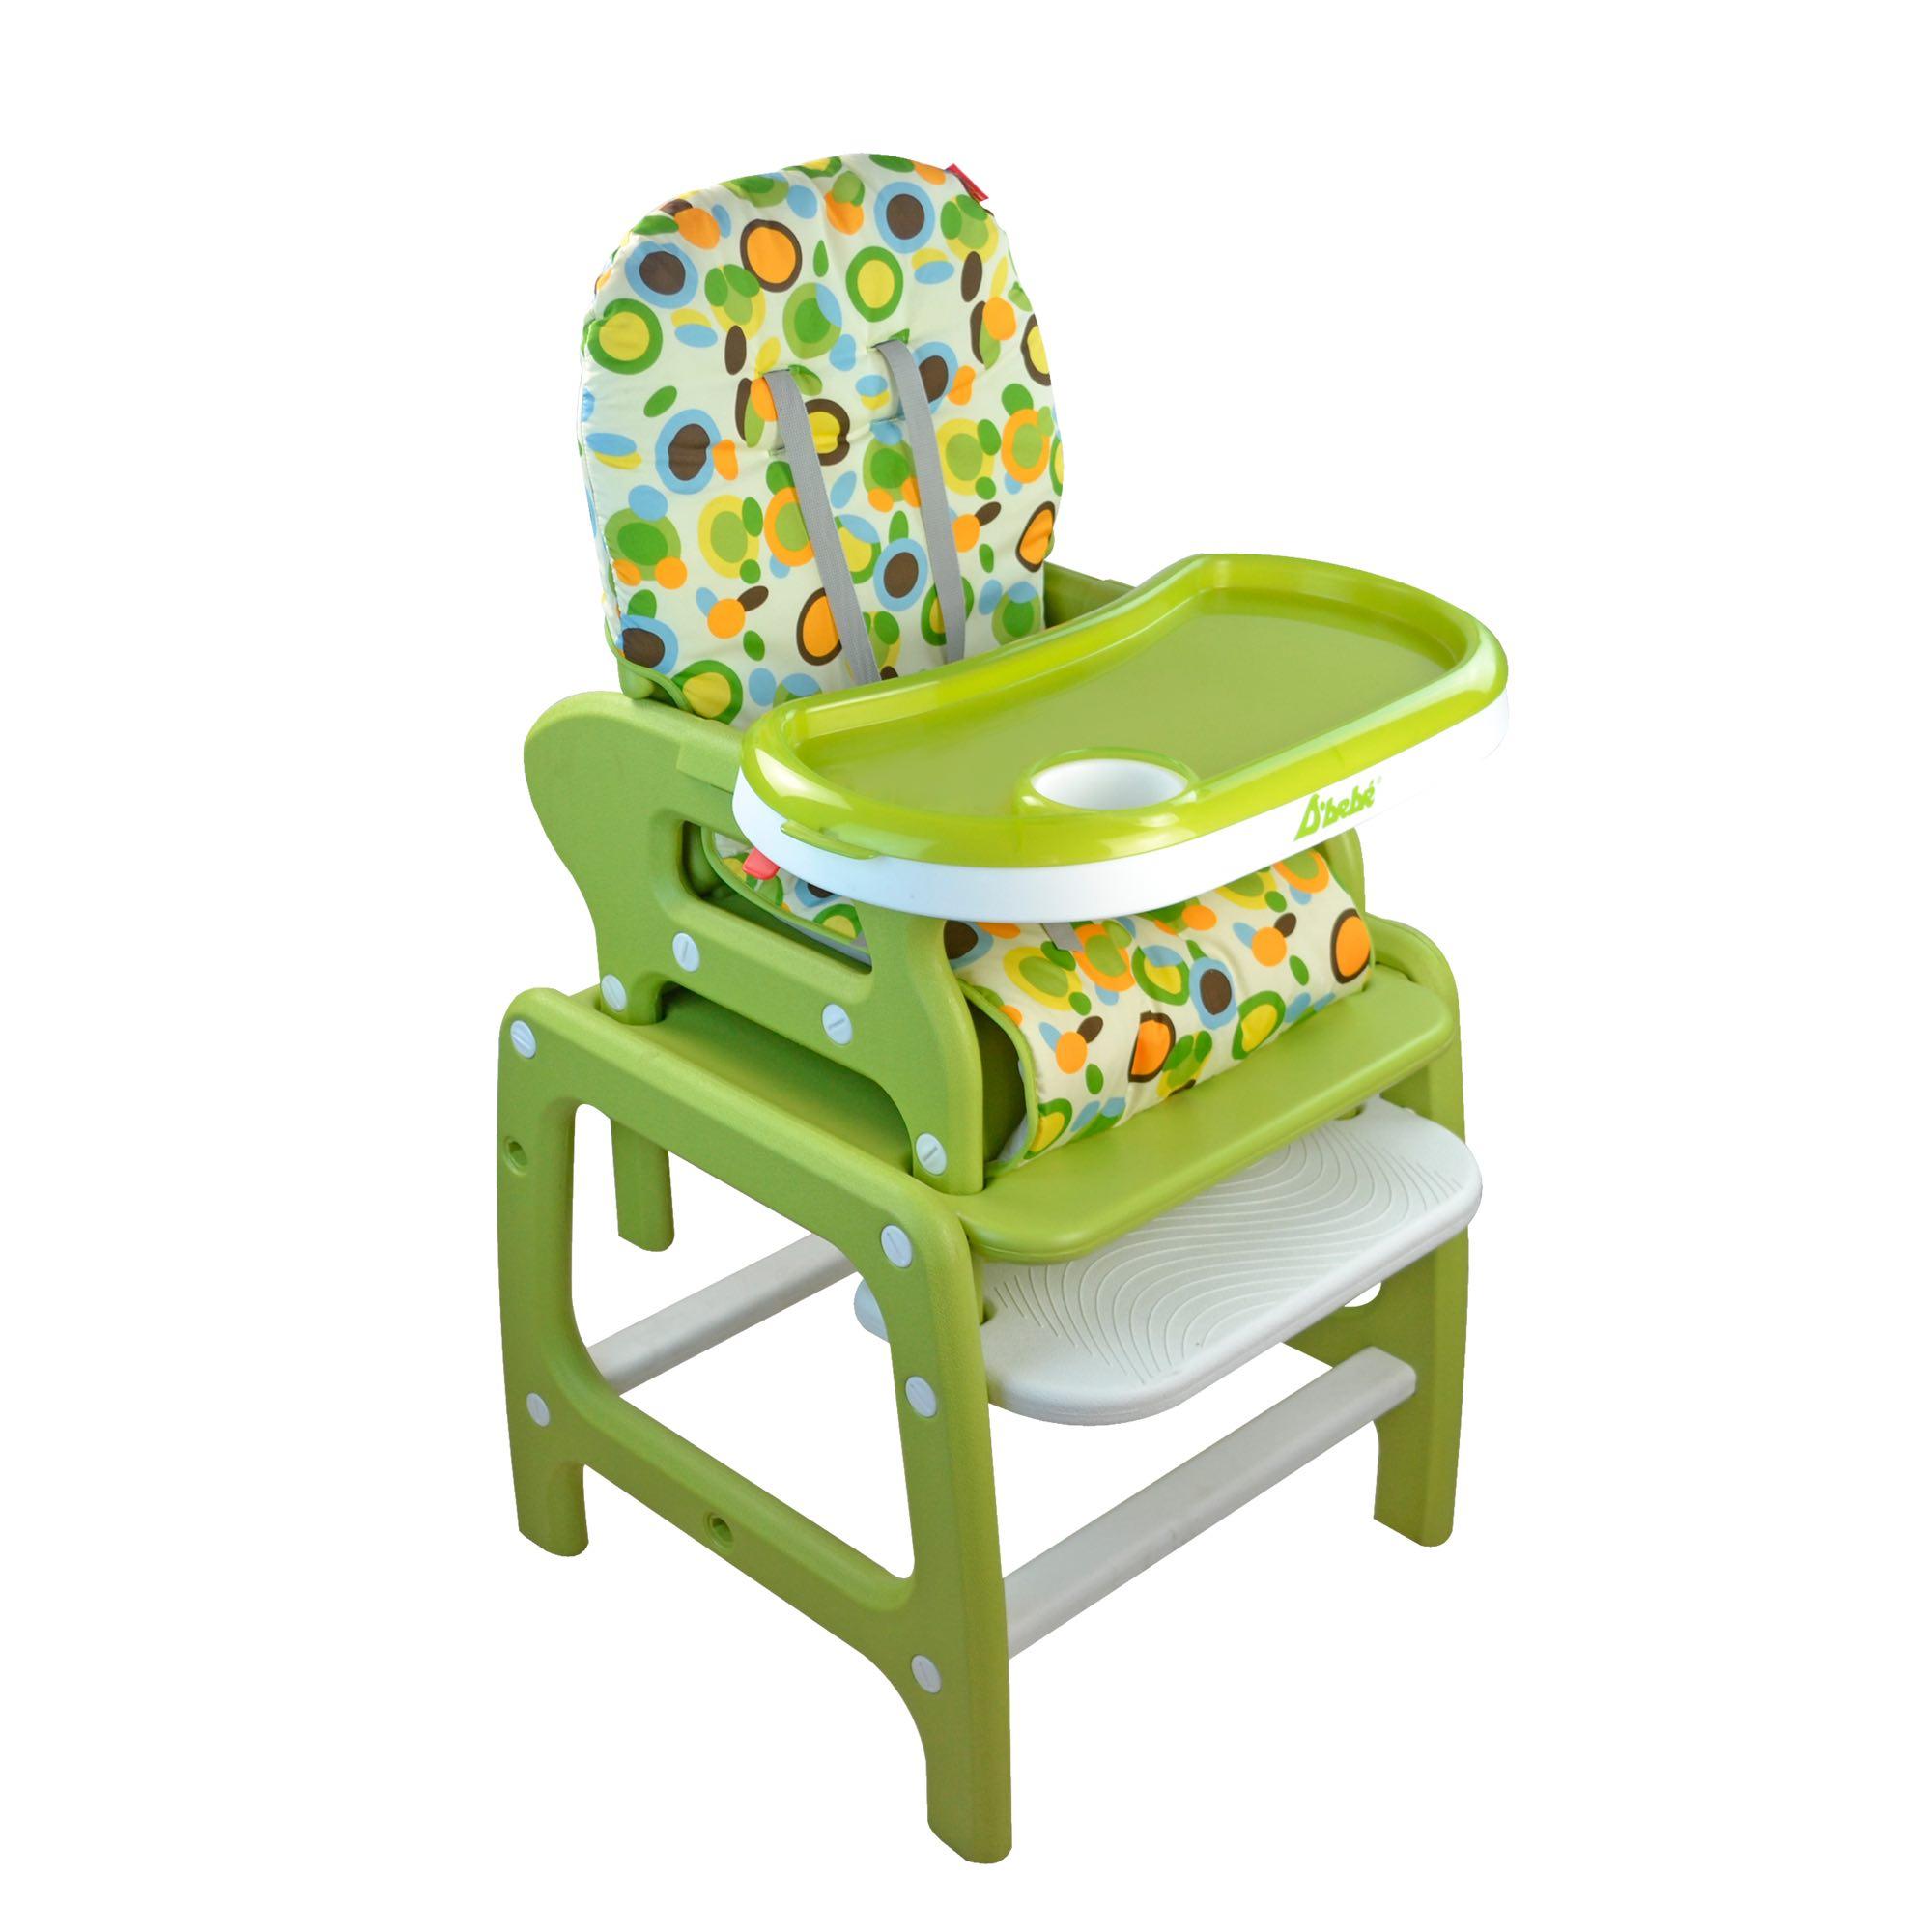 Silla Alta para comer Multiconfort Verde D'bebé : Productos para bebé